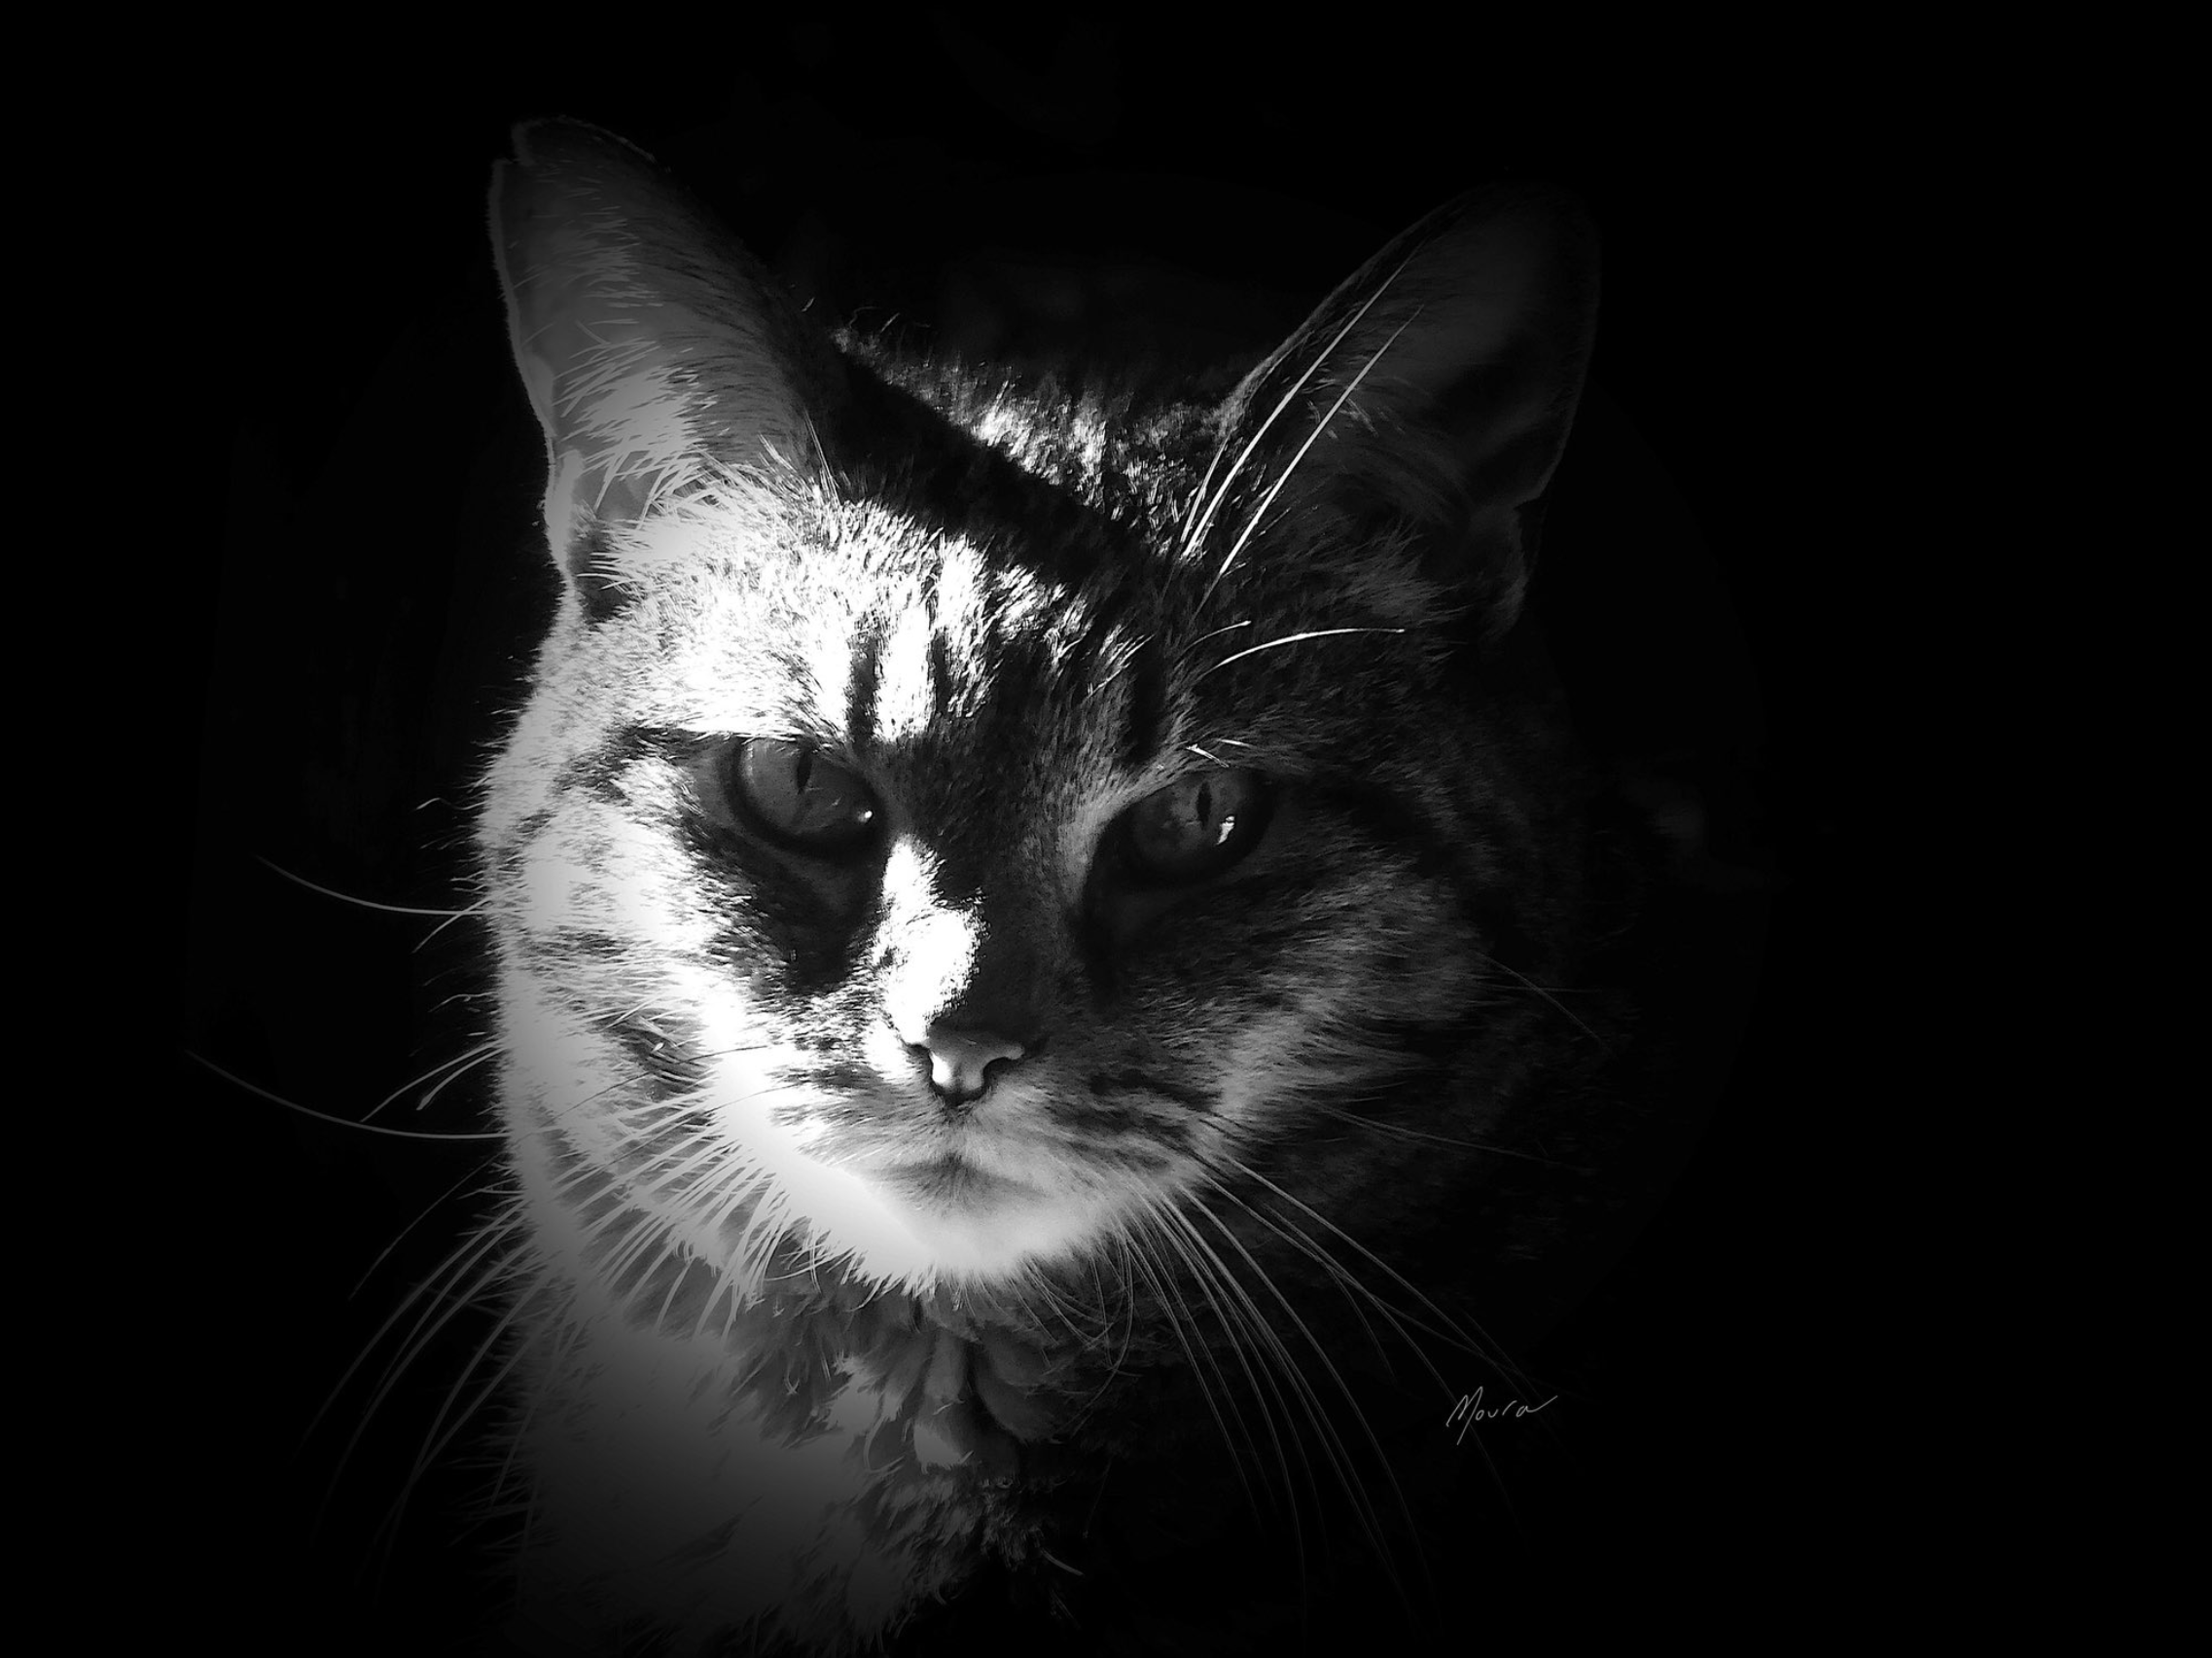 Cat by Elizabeth Moura